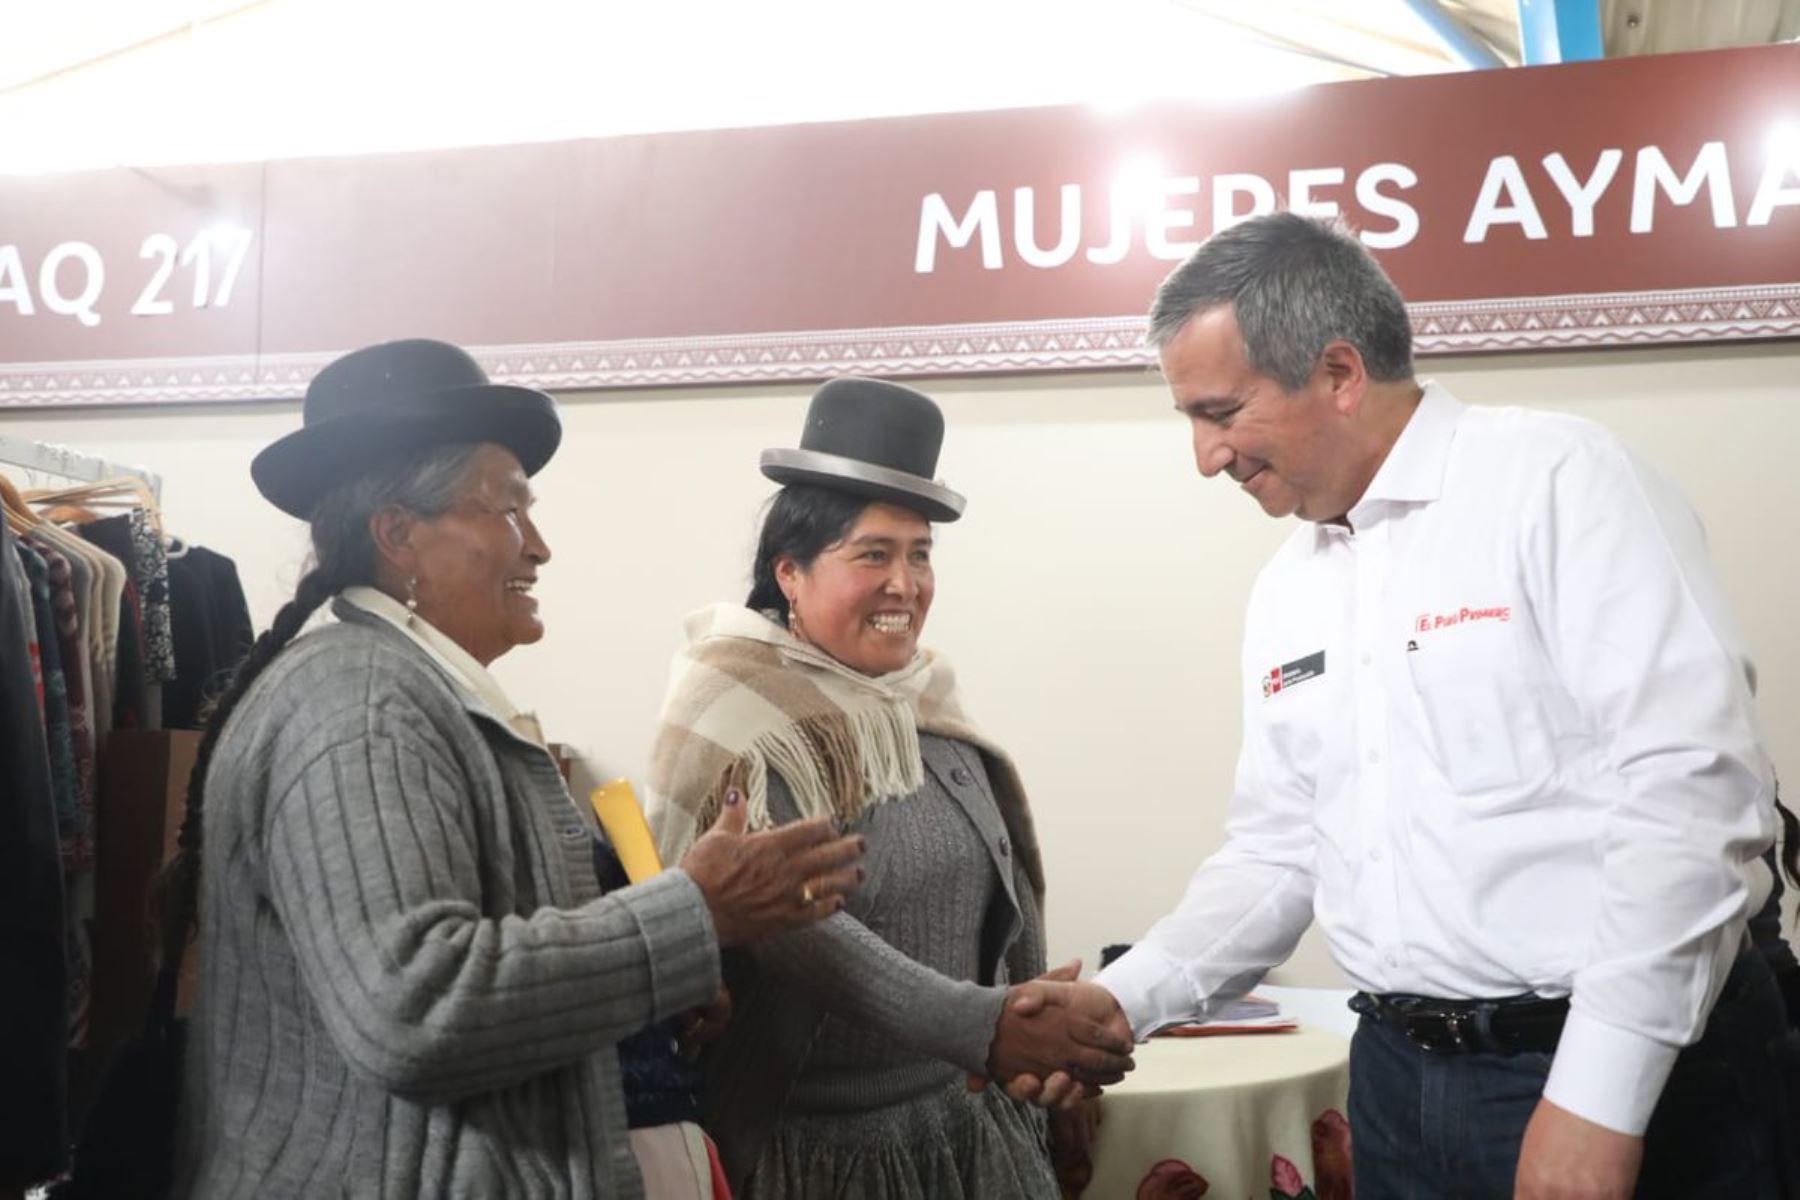 Más de 120,000 empleos genera producción de fibra de alpaca en el Perú, destacó ministro de la Producción, Raúl Pérez-Reyes. ANDINA/Difusión